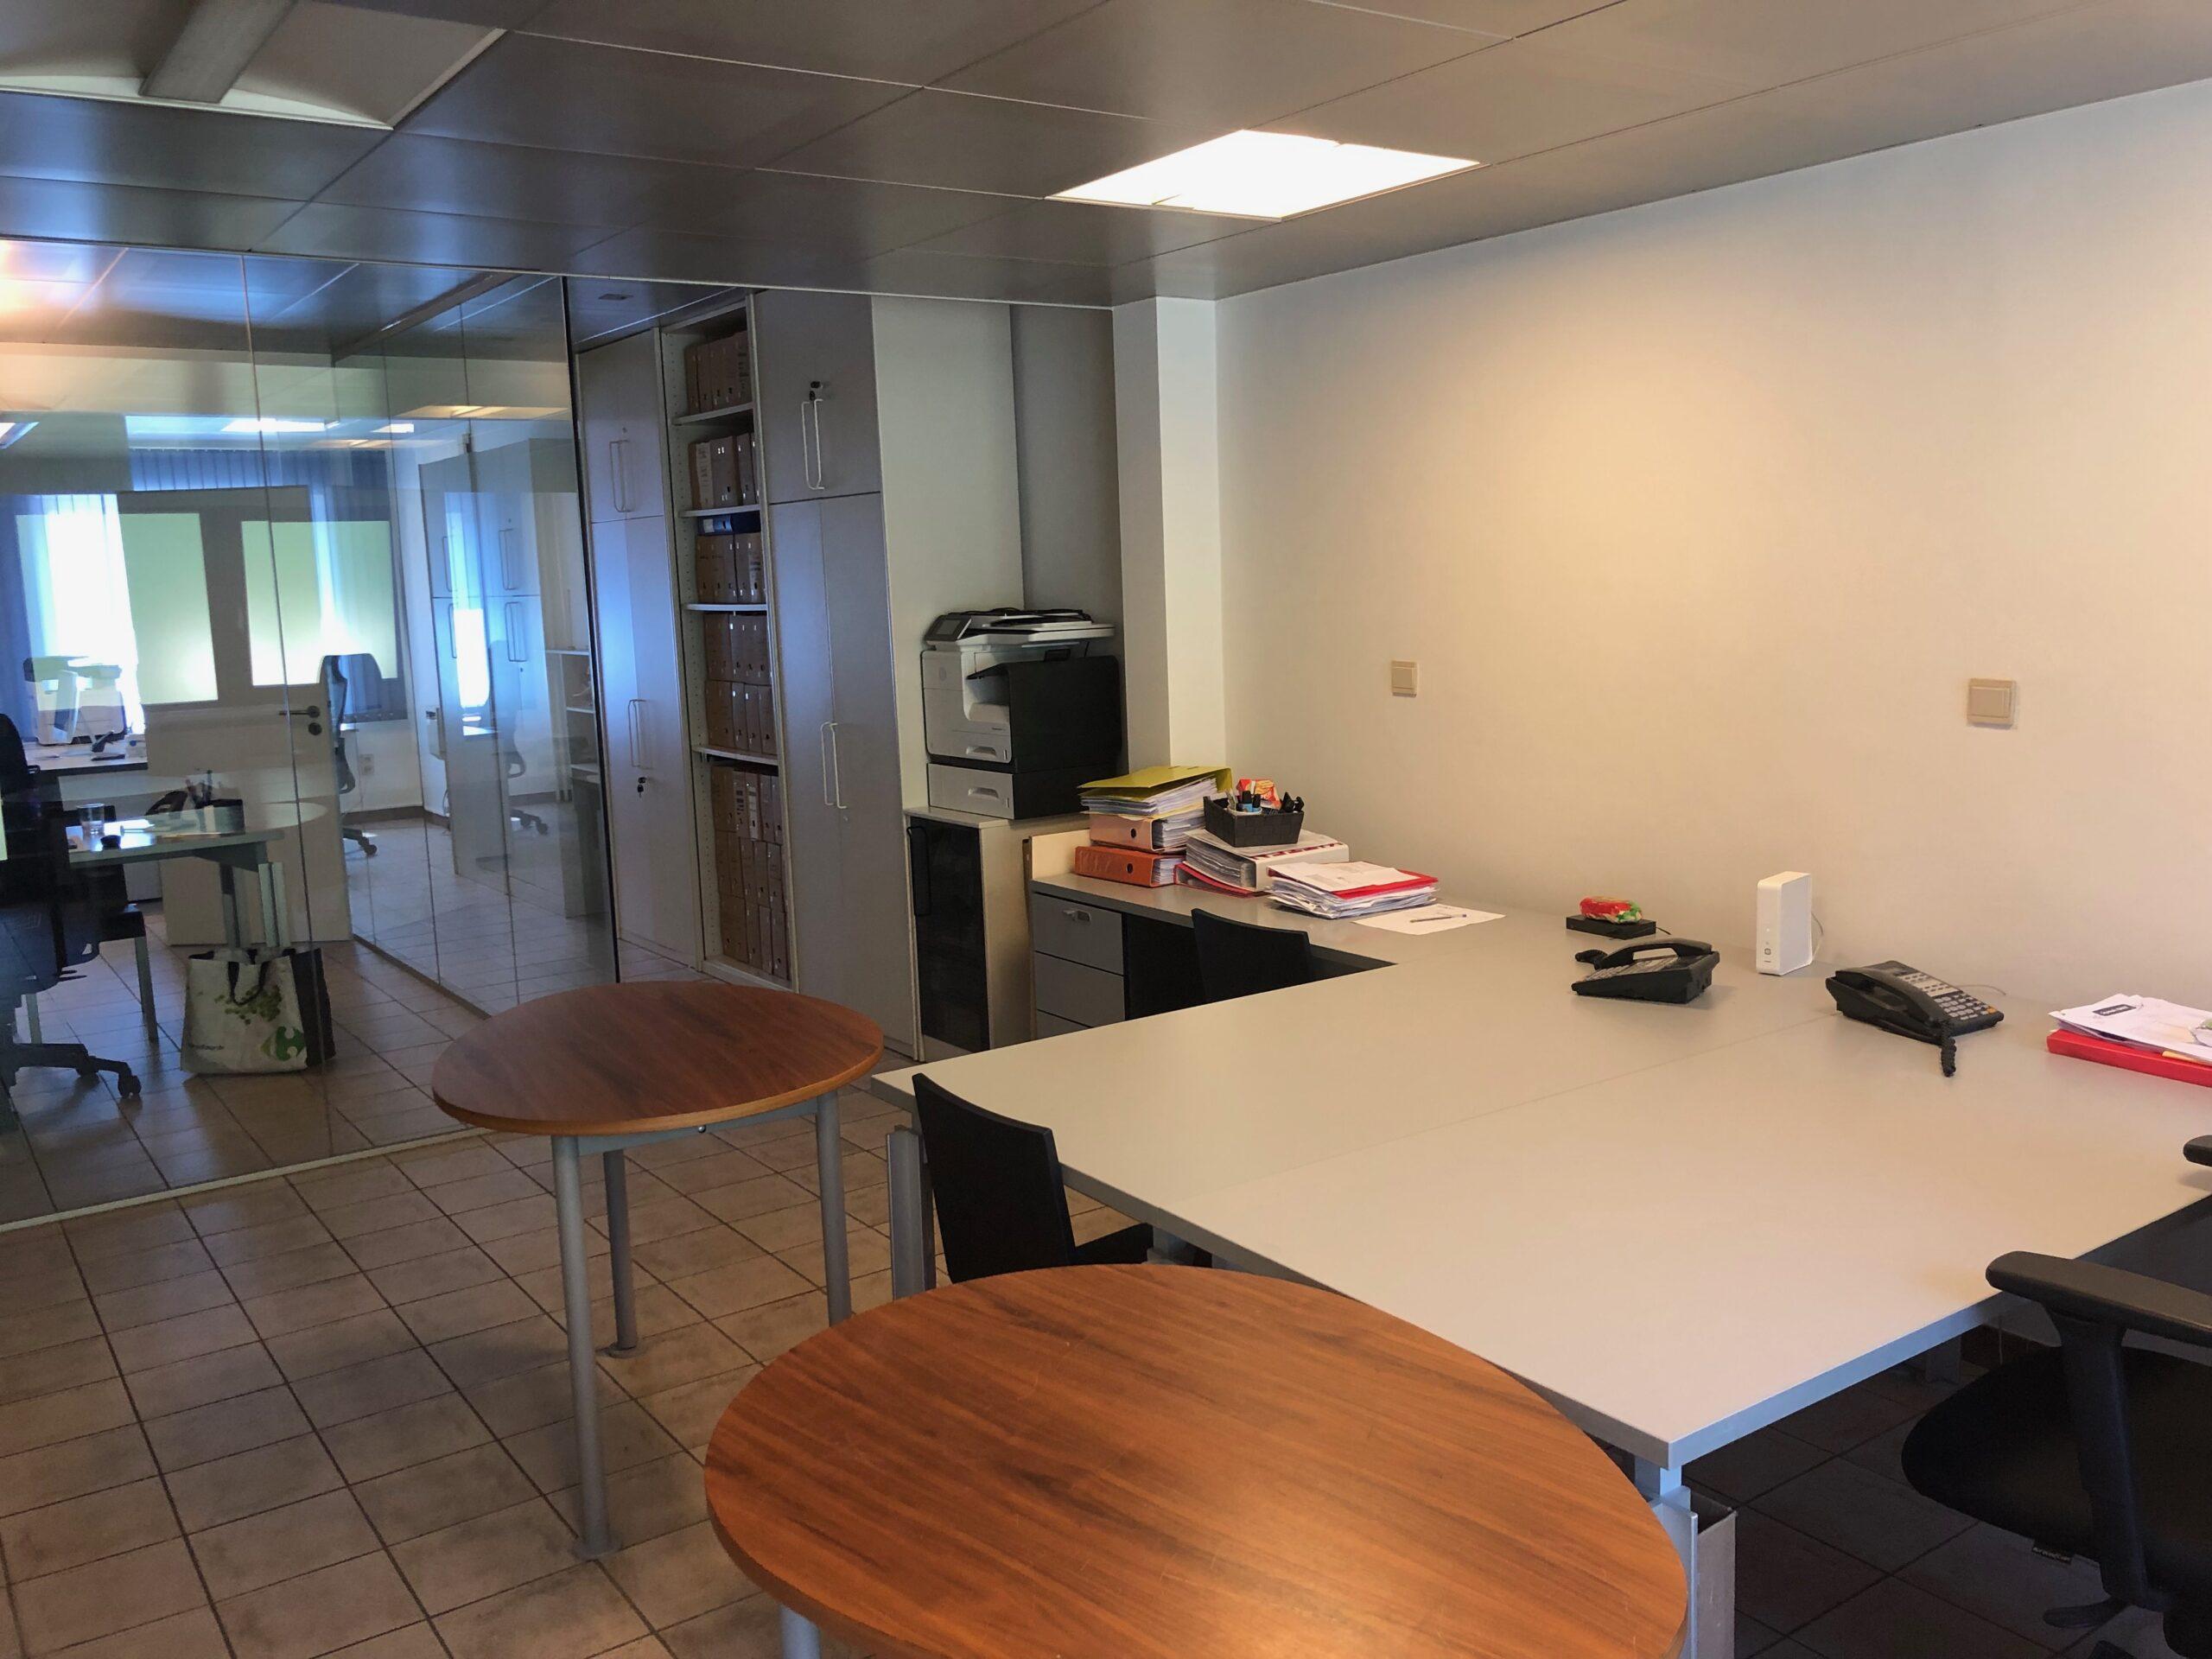 Kroton-kantoor in Kraainem krijgt opfrisbeurt